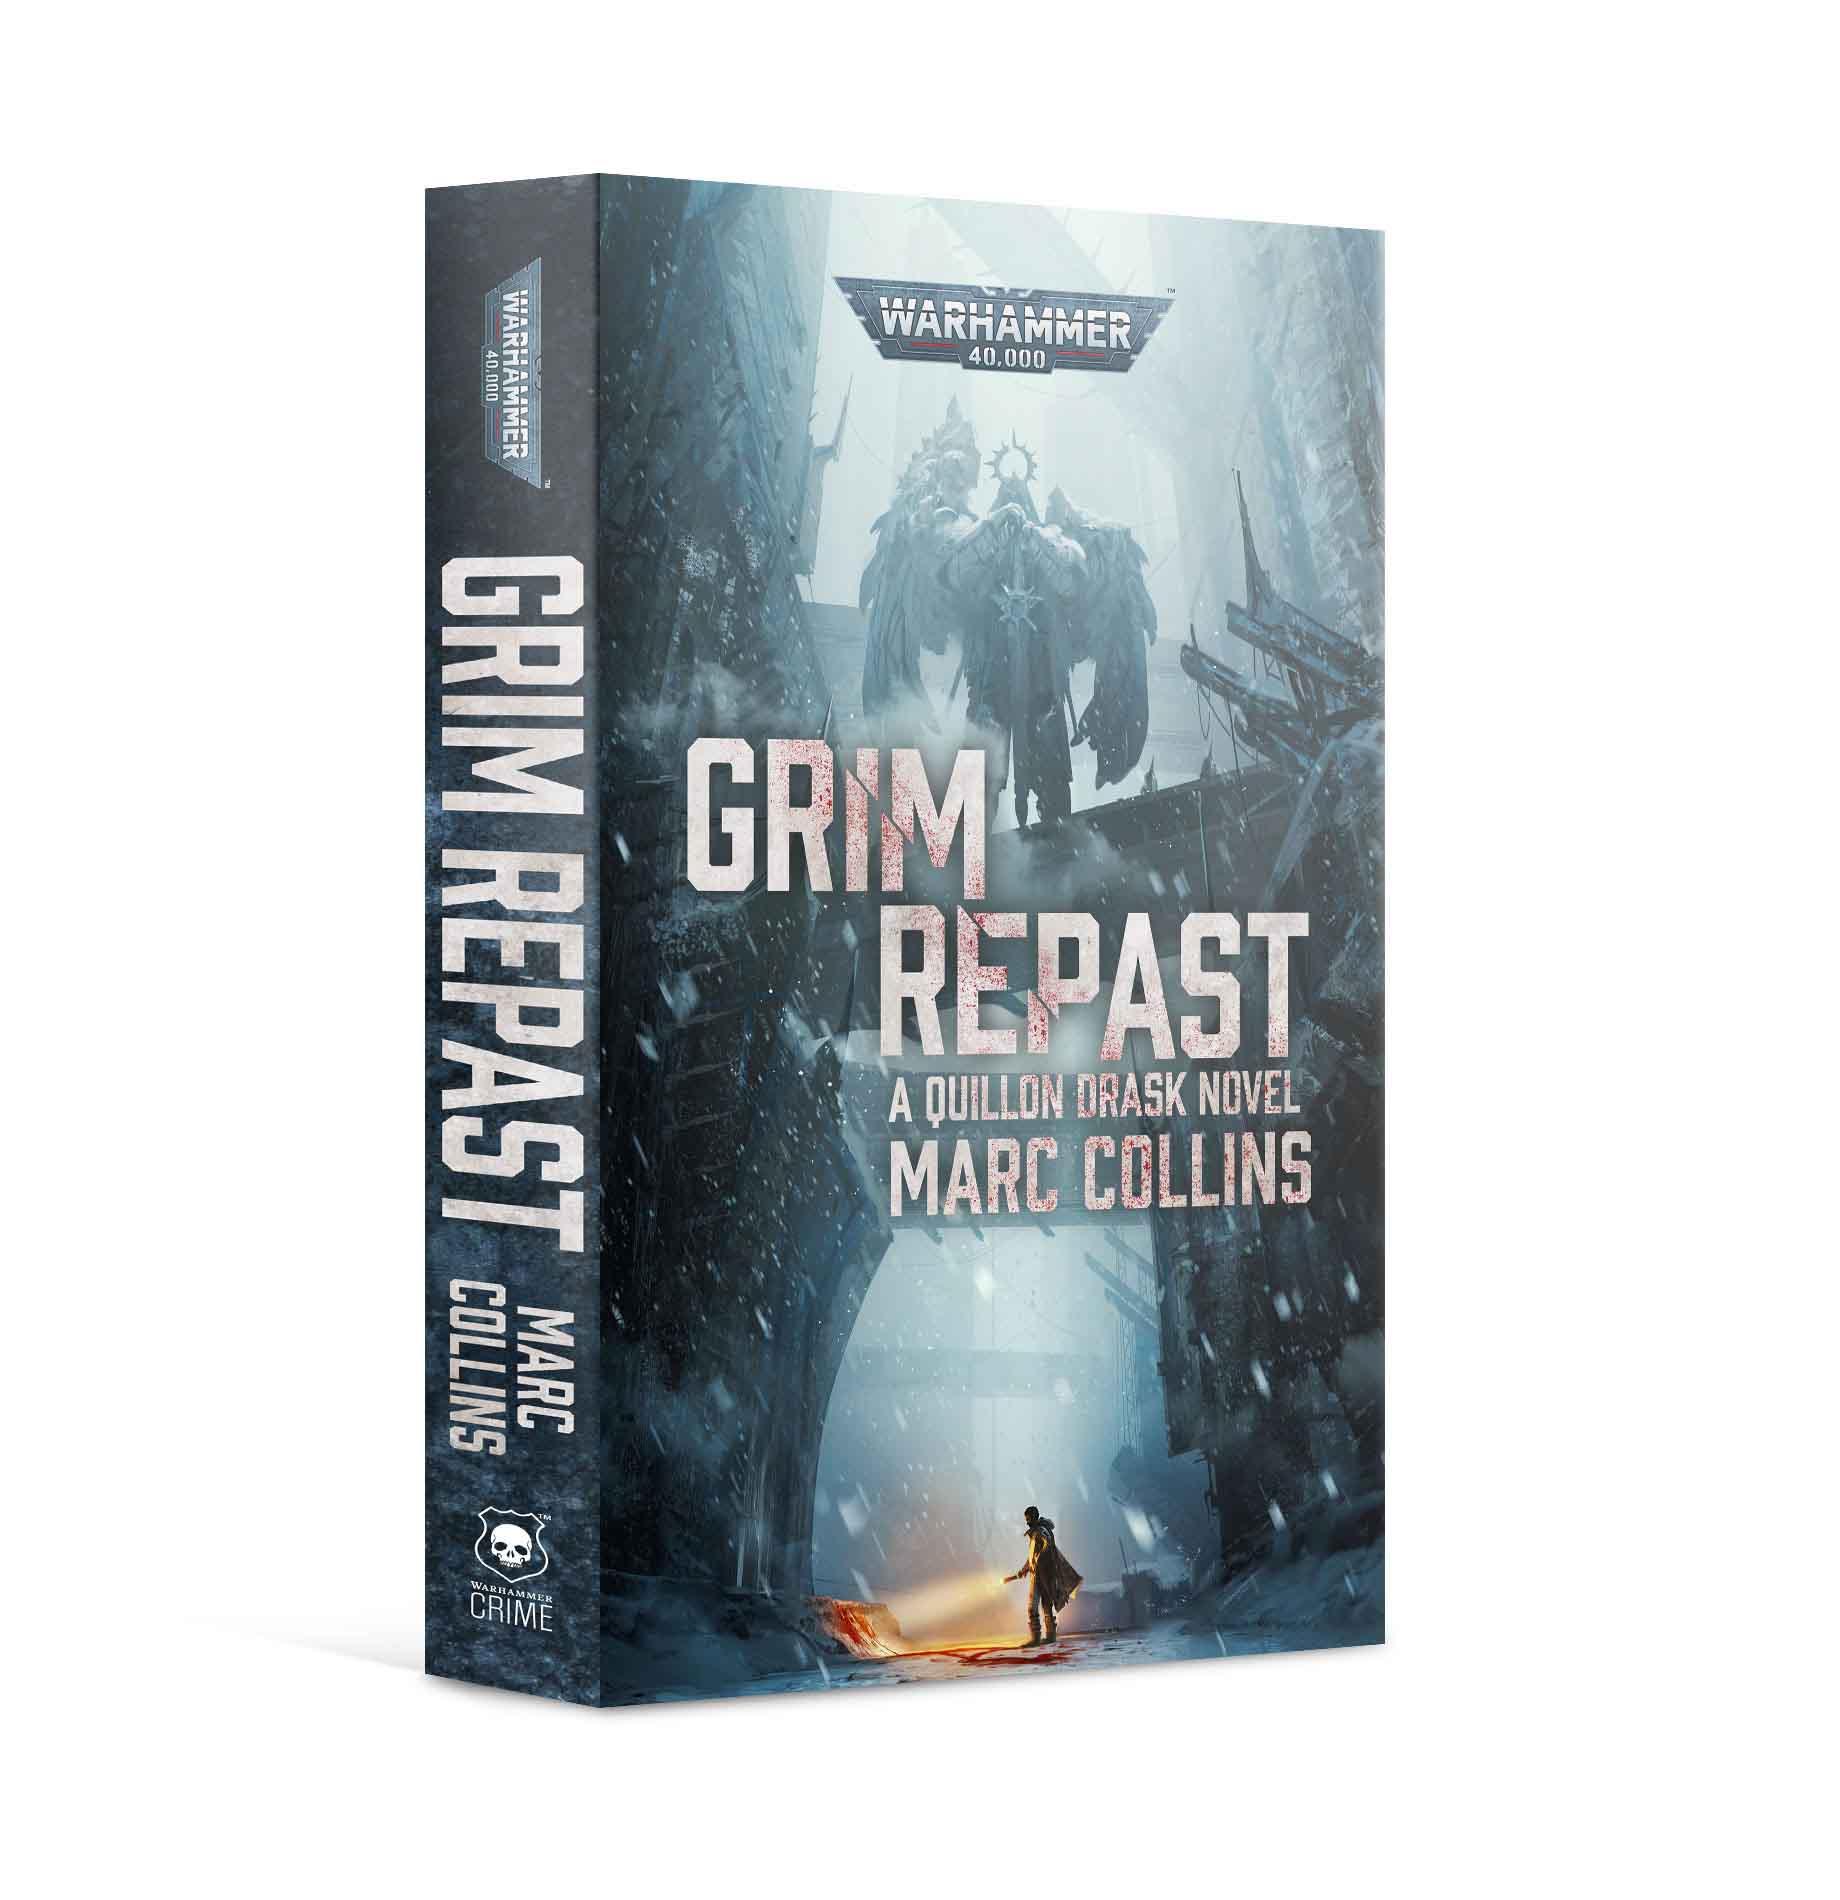 Grim Repast (Paperback) (Englisch)